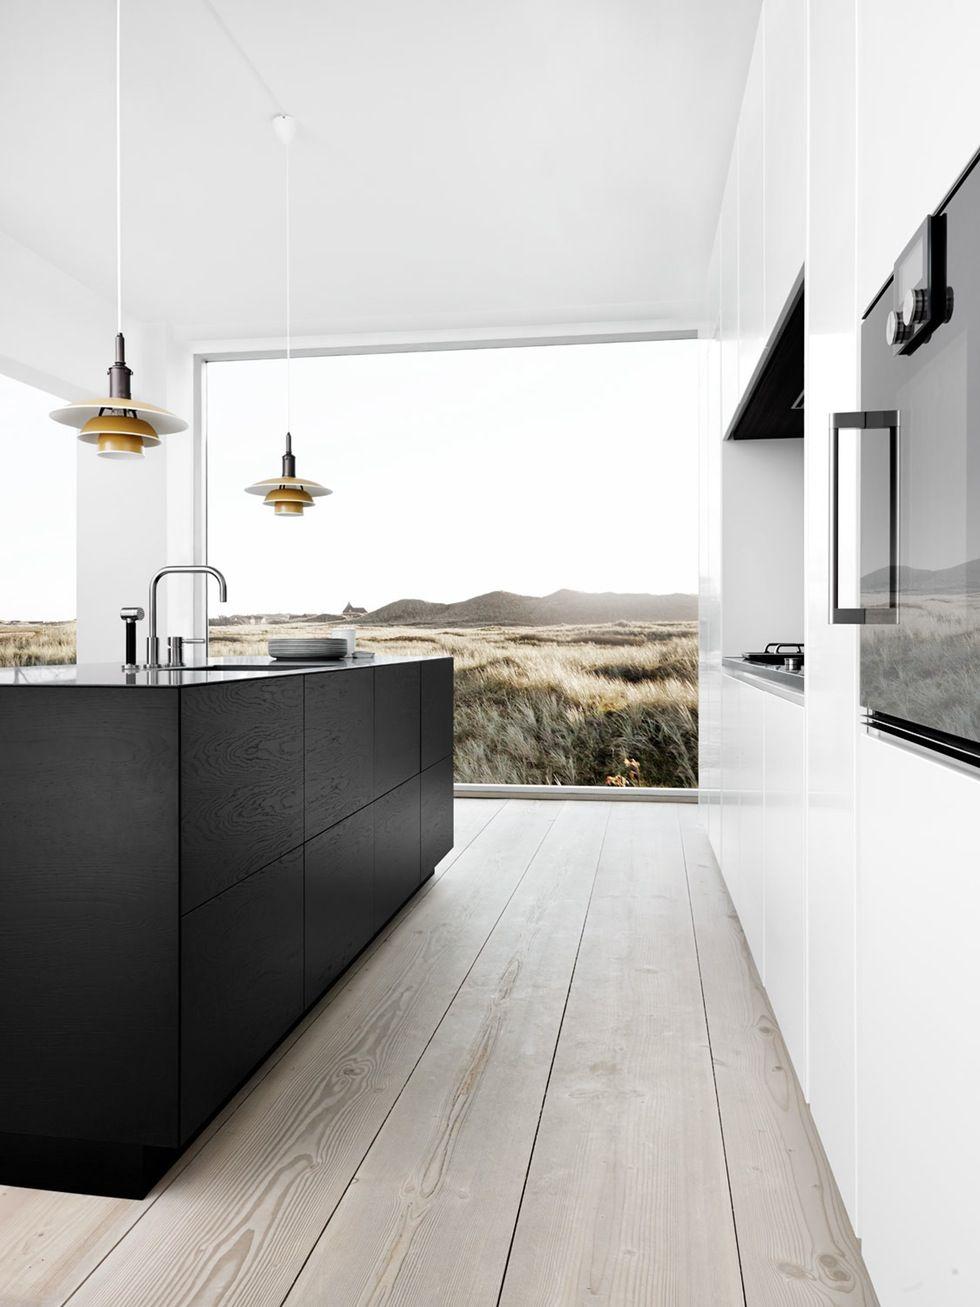 Inspiratieboost: de mooiste woonkeukens met een keukeneiland - Roomed